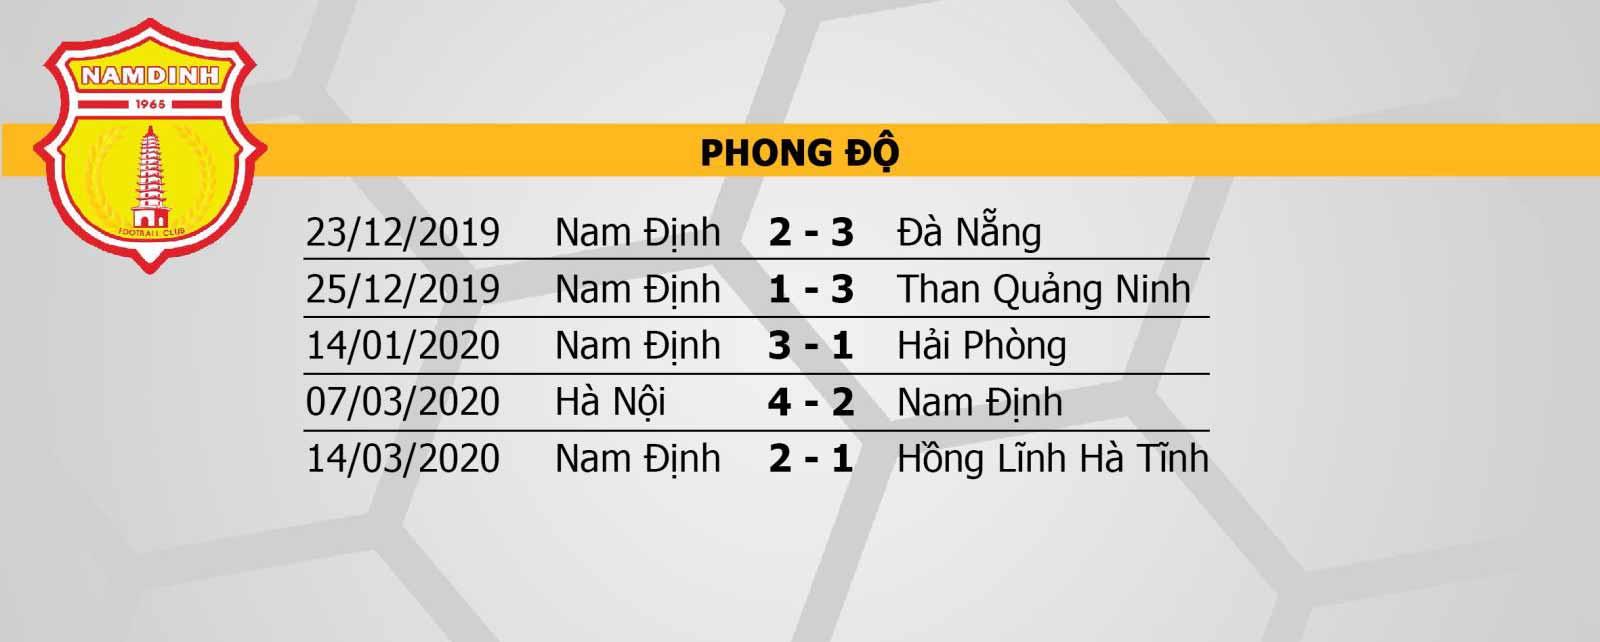 PHONG-DO-NAM-DINH